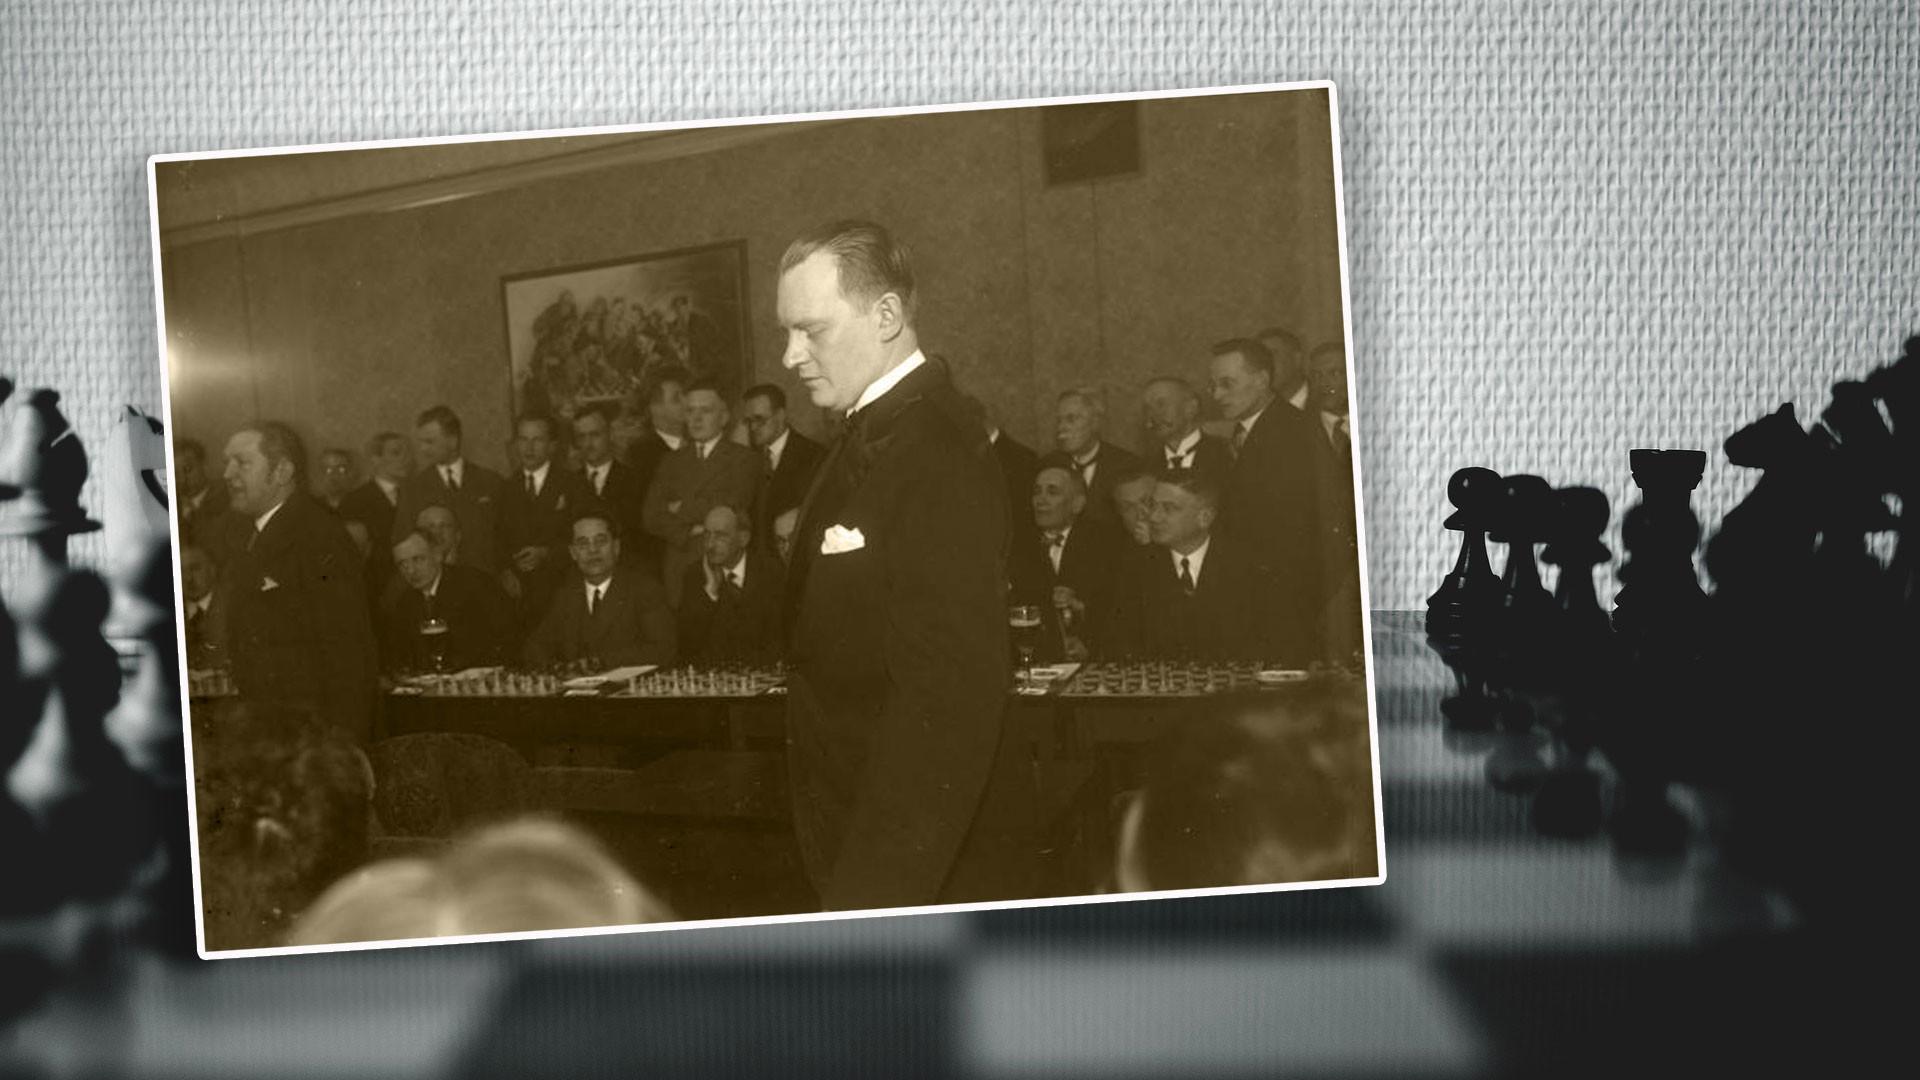 Алехин даёт сеанс одновременной игры в Берлине, 1930 год. Коллаж © L!FE. Фото: © wikipedia.org